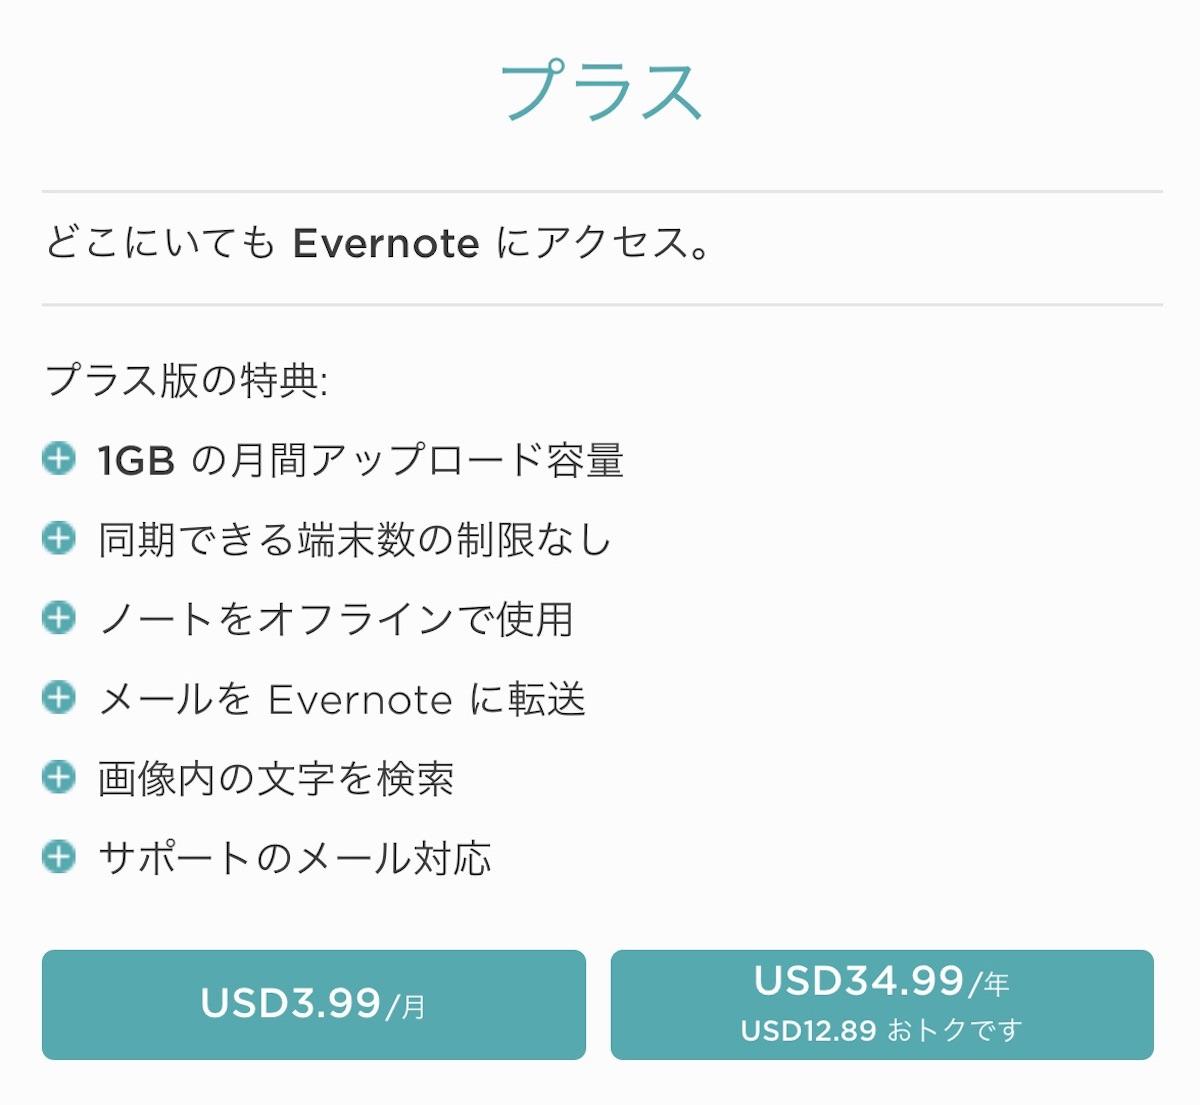 evernote-downgrade_6